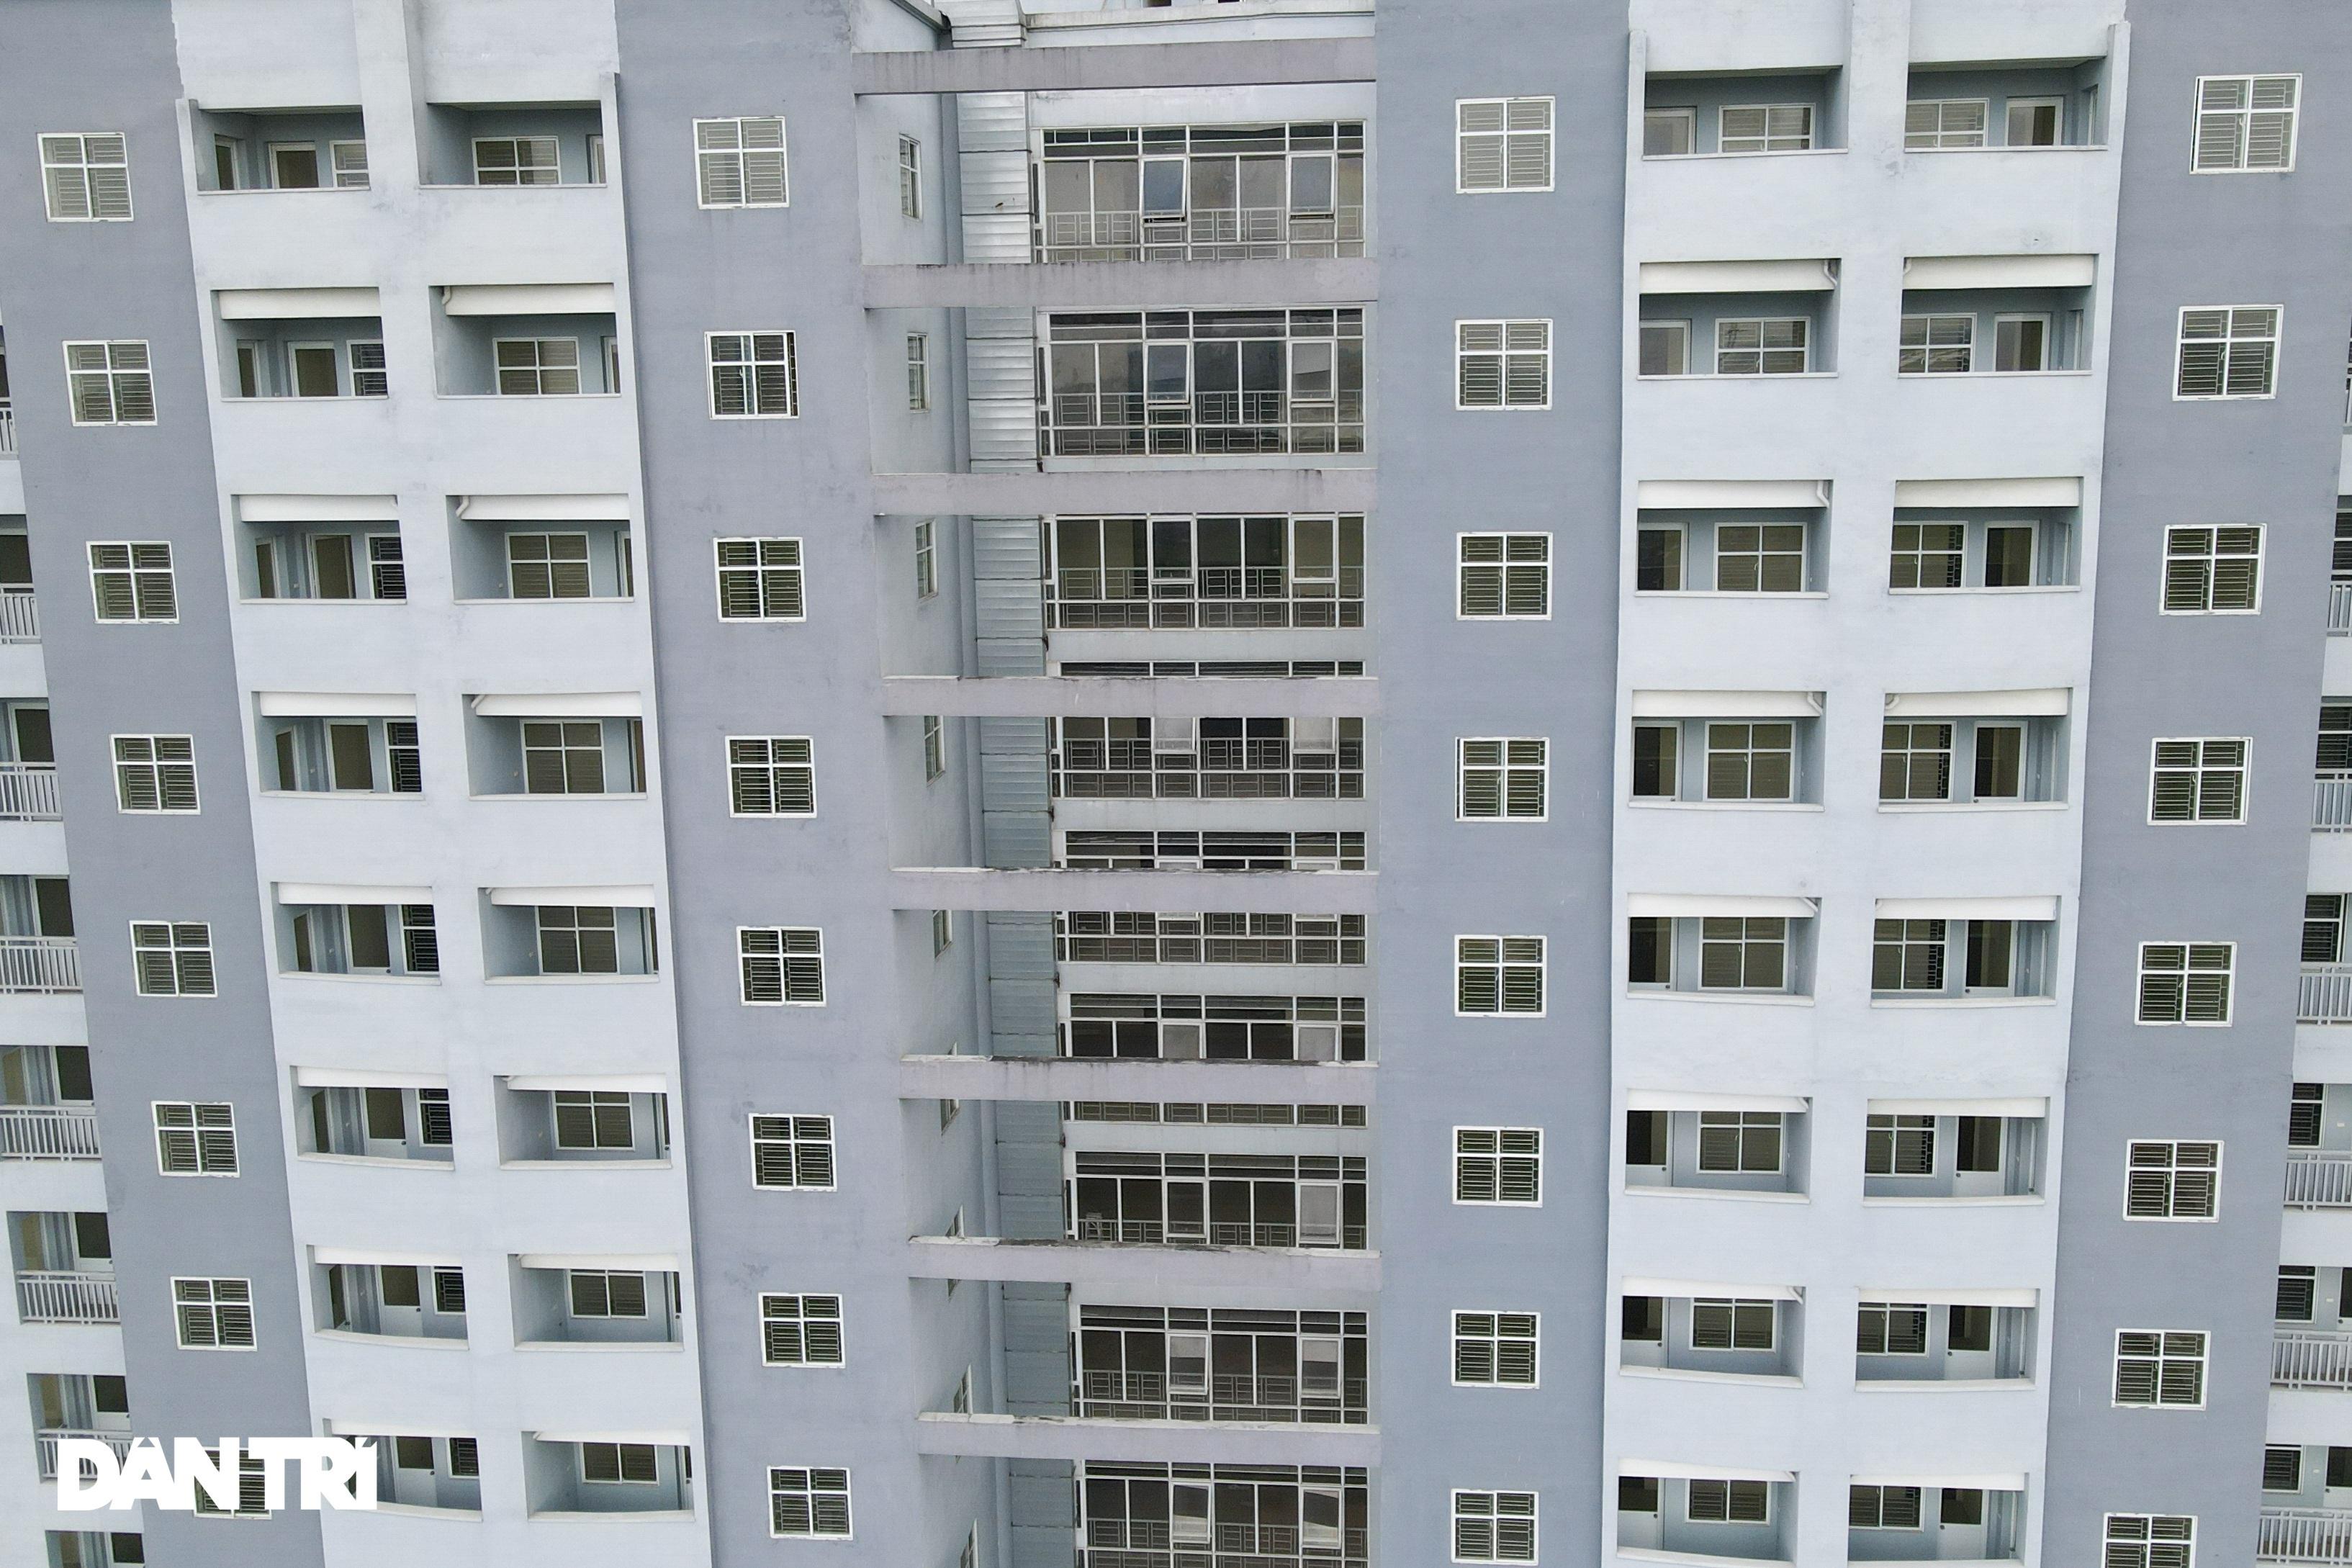 Xót xa hàng loạt khu chung cư cao tầng ở Hà Nội bị bỏ hoang nhiều năm - 4